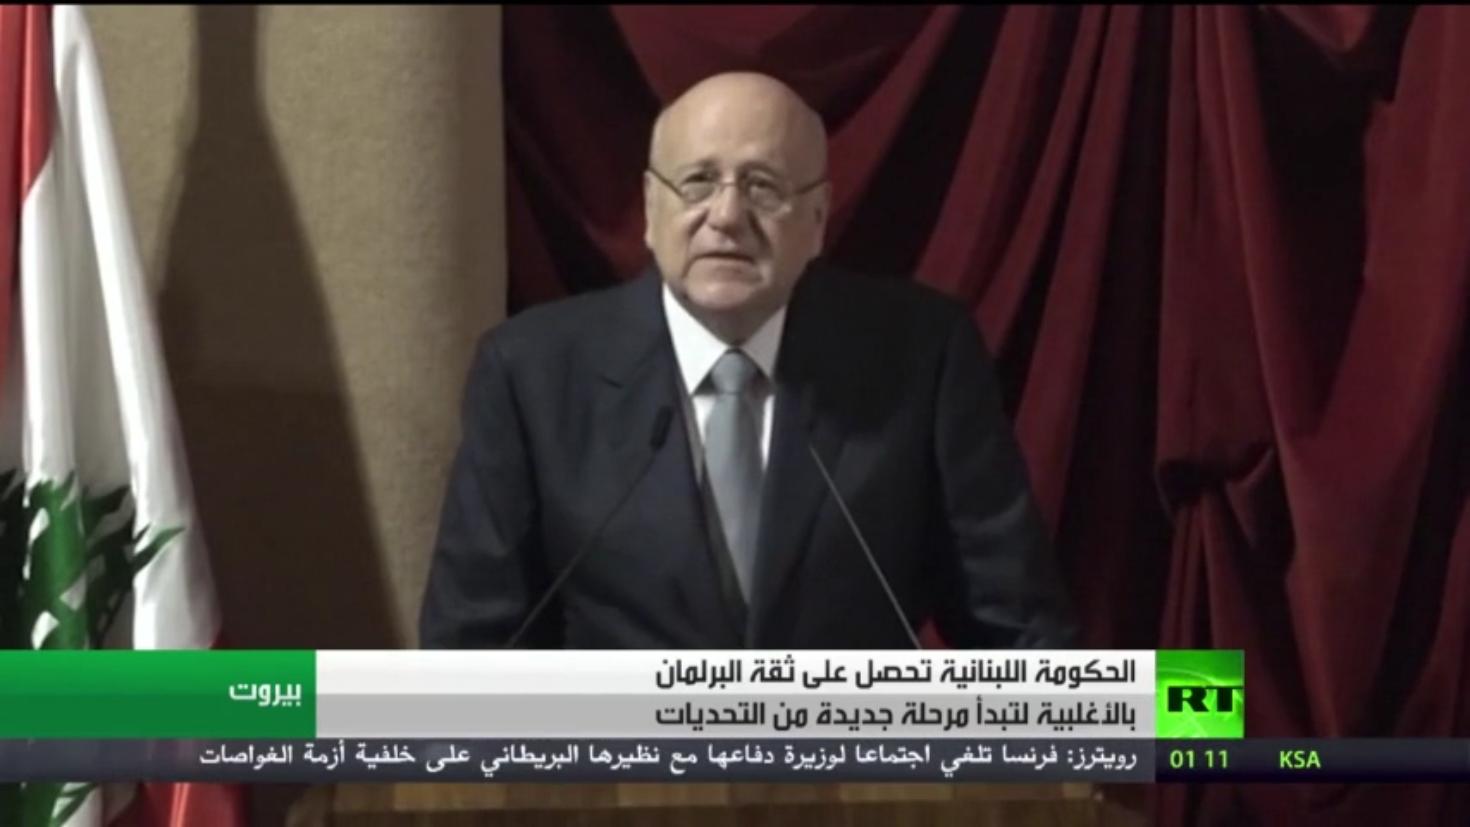 حكومة ميقاتي تنال ثقة البرلمان اللبناني